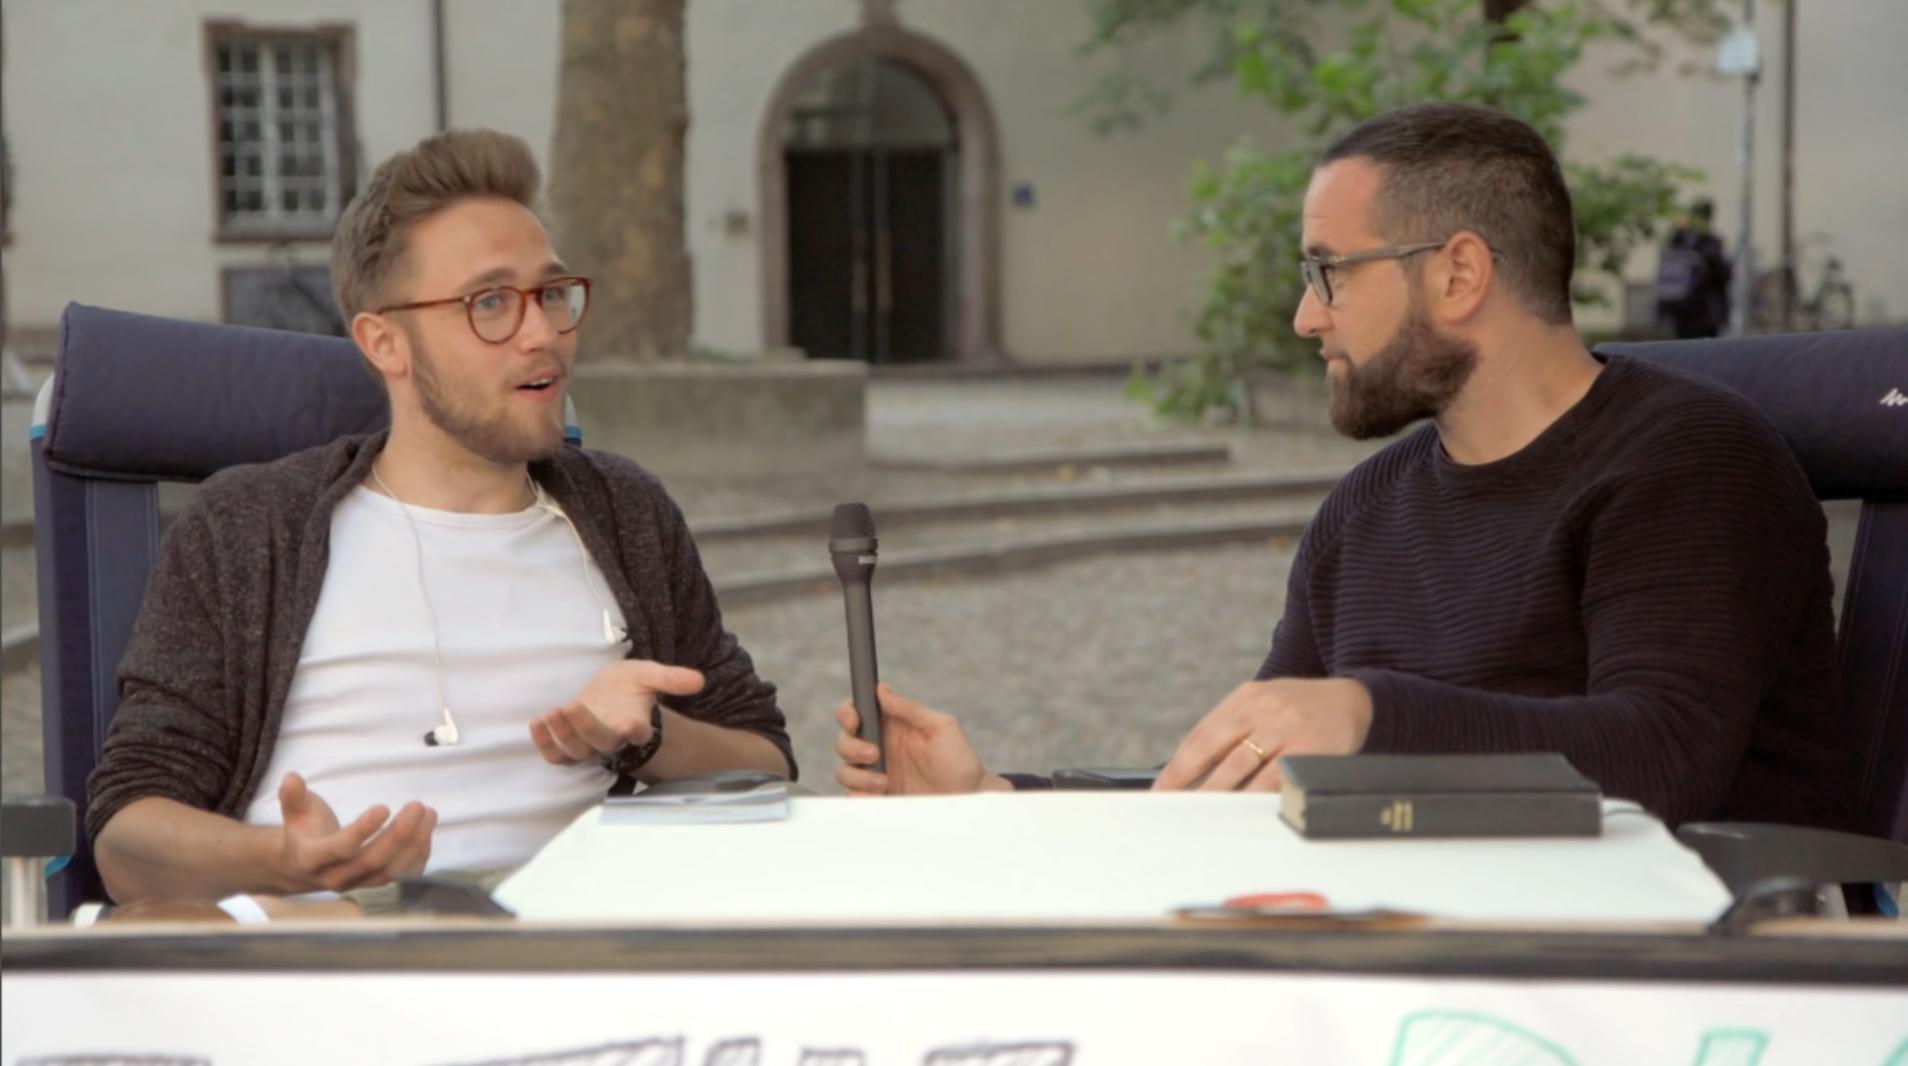 Gibt es Gott? | Atheist trifft Christ | Freundliche Straßendebatte – Teil 1